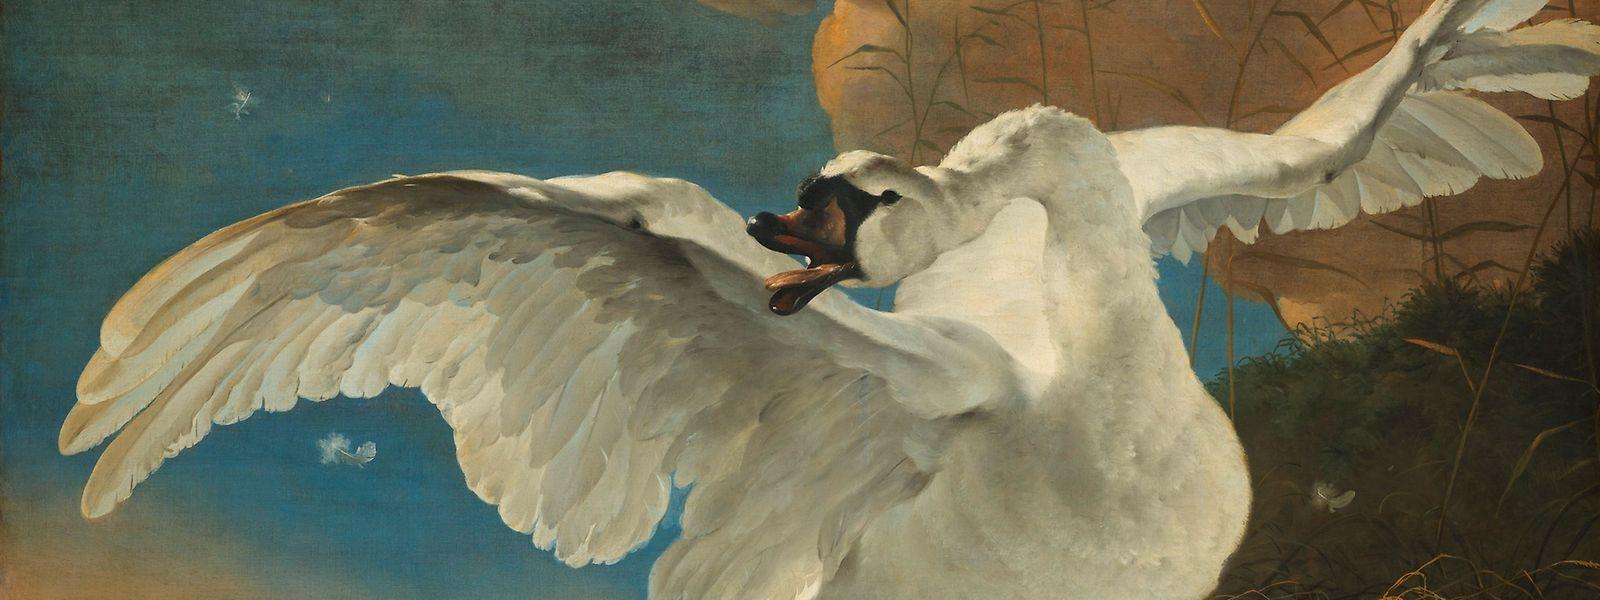 """Jan Asselijn malte auf eine Allegorie von Johan de Witt circa 1650 """"The Threatened Swan"""", bei dem der Schwan als Symbol für die Niederlande eingesetzt wird."""